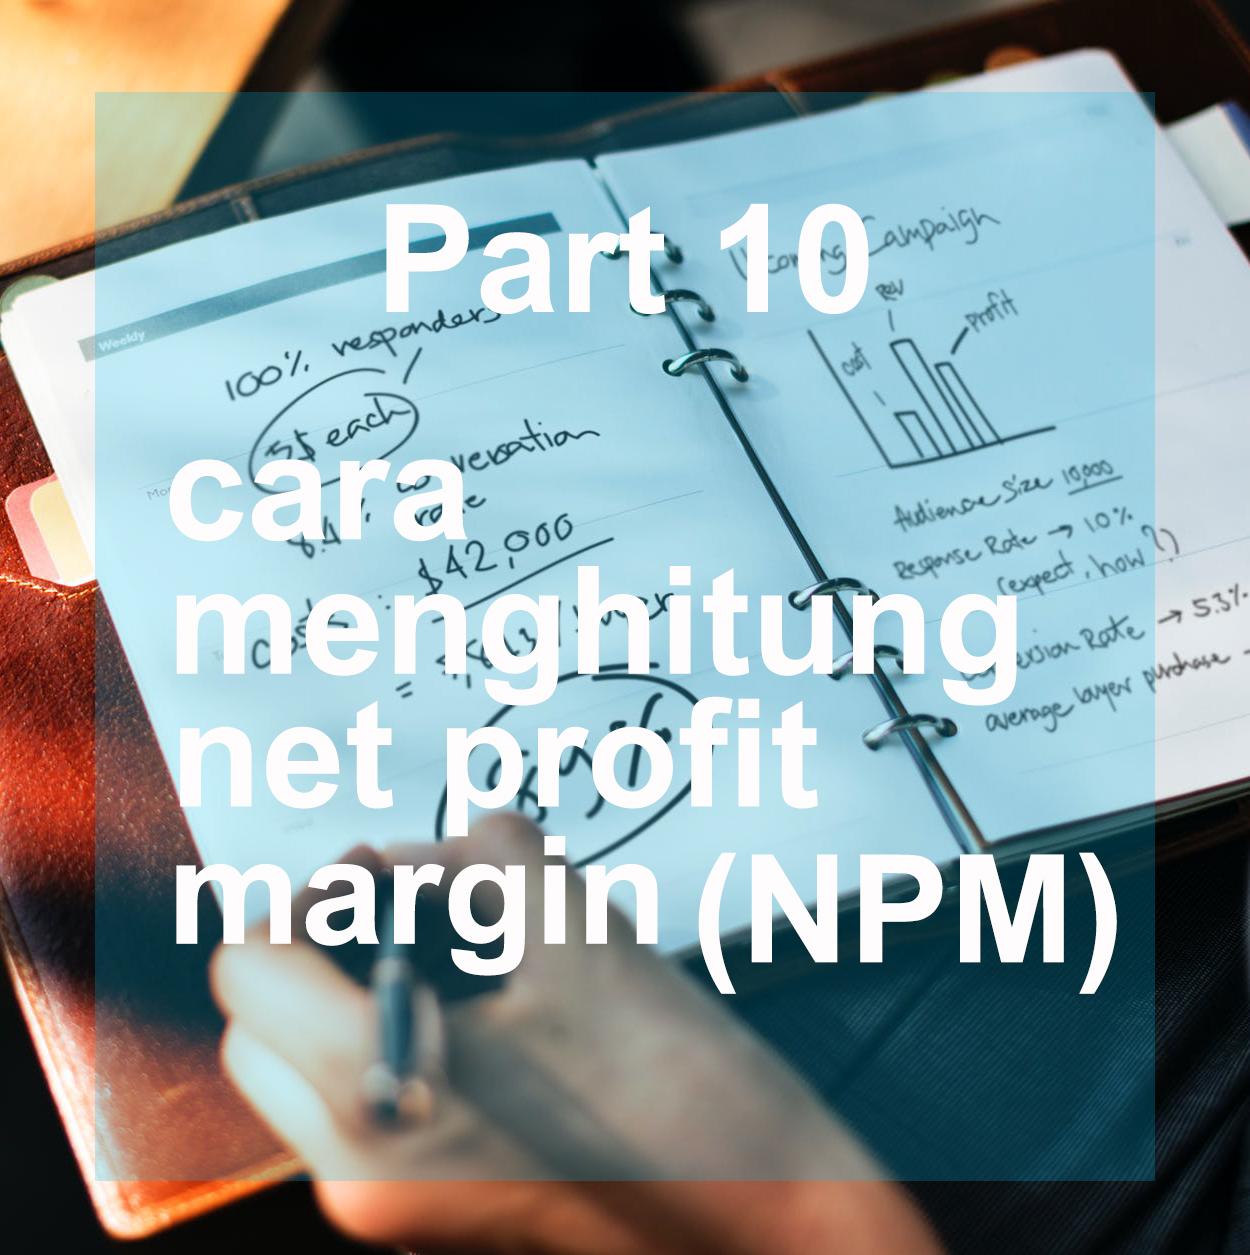 Cara menghitung net profit margin NPM